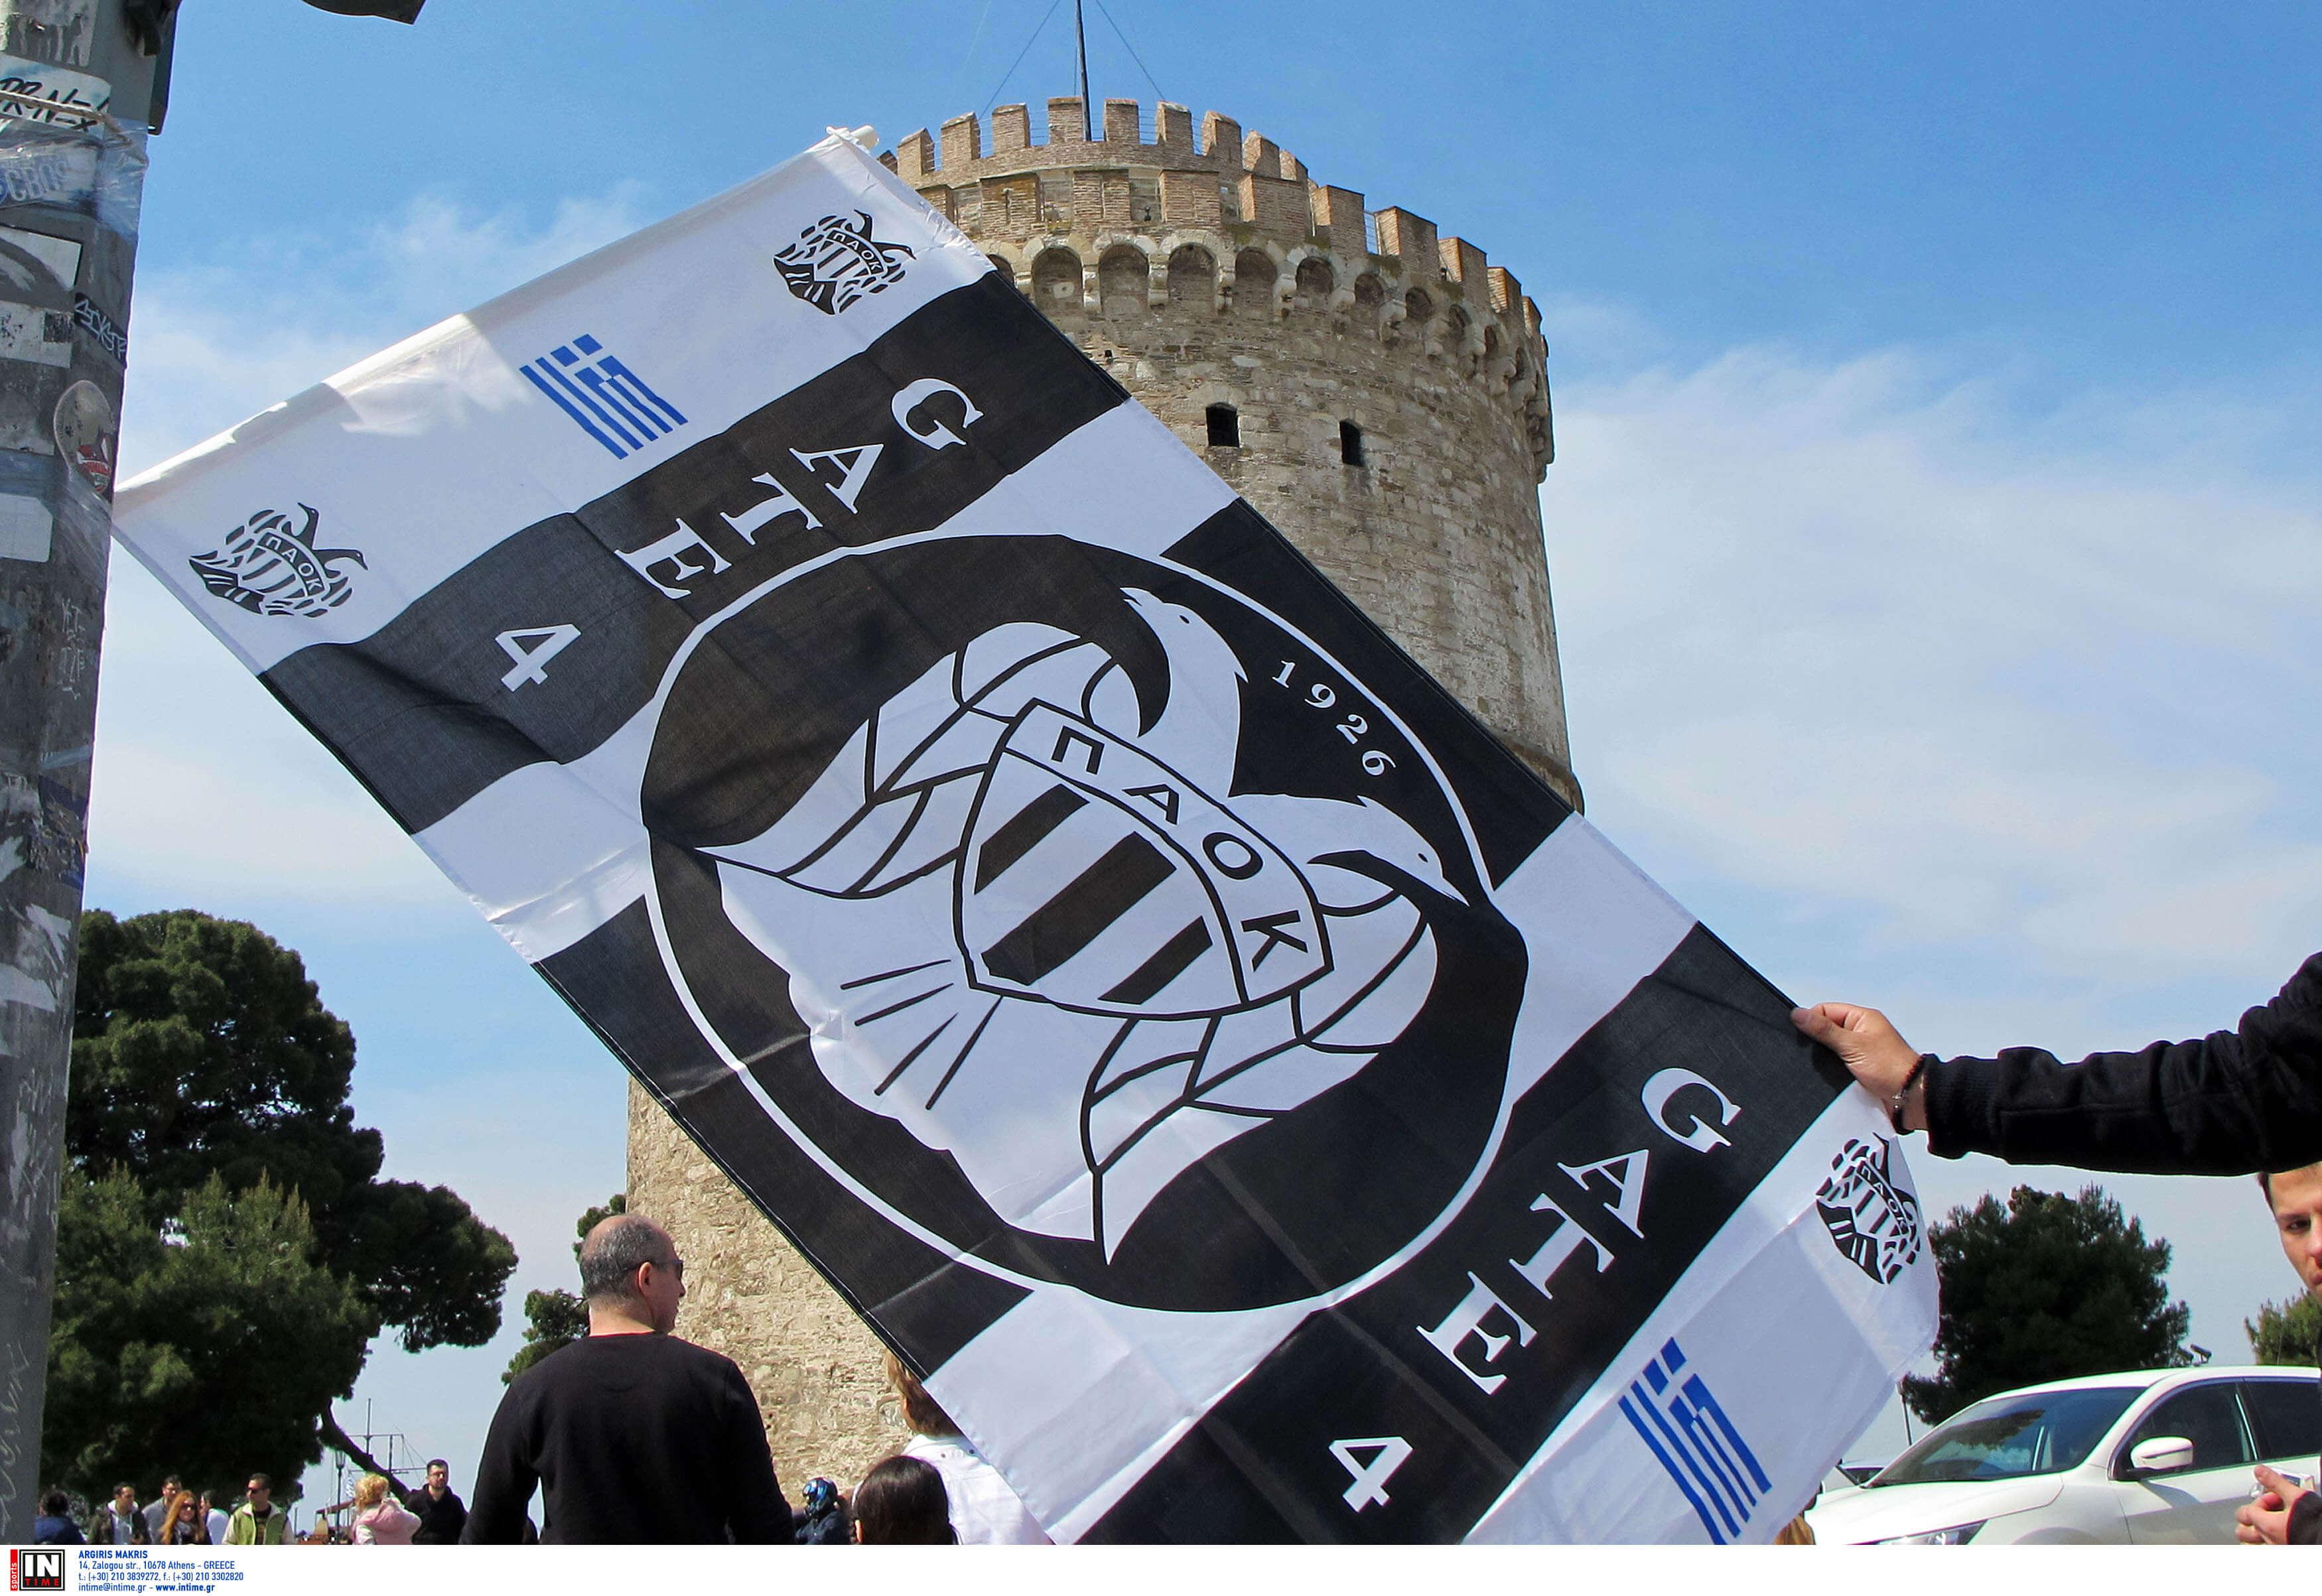 ΠΑΟΚ: Ετοιμάζεται η Θεσσαλονίκη! Σημαία στο δημαρχείο – Γιγαντοοθόνη στον Λευκό Πύργο